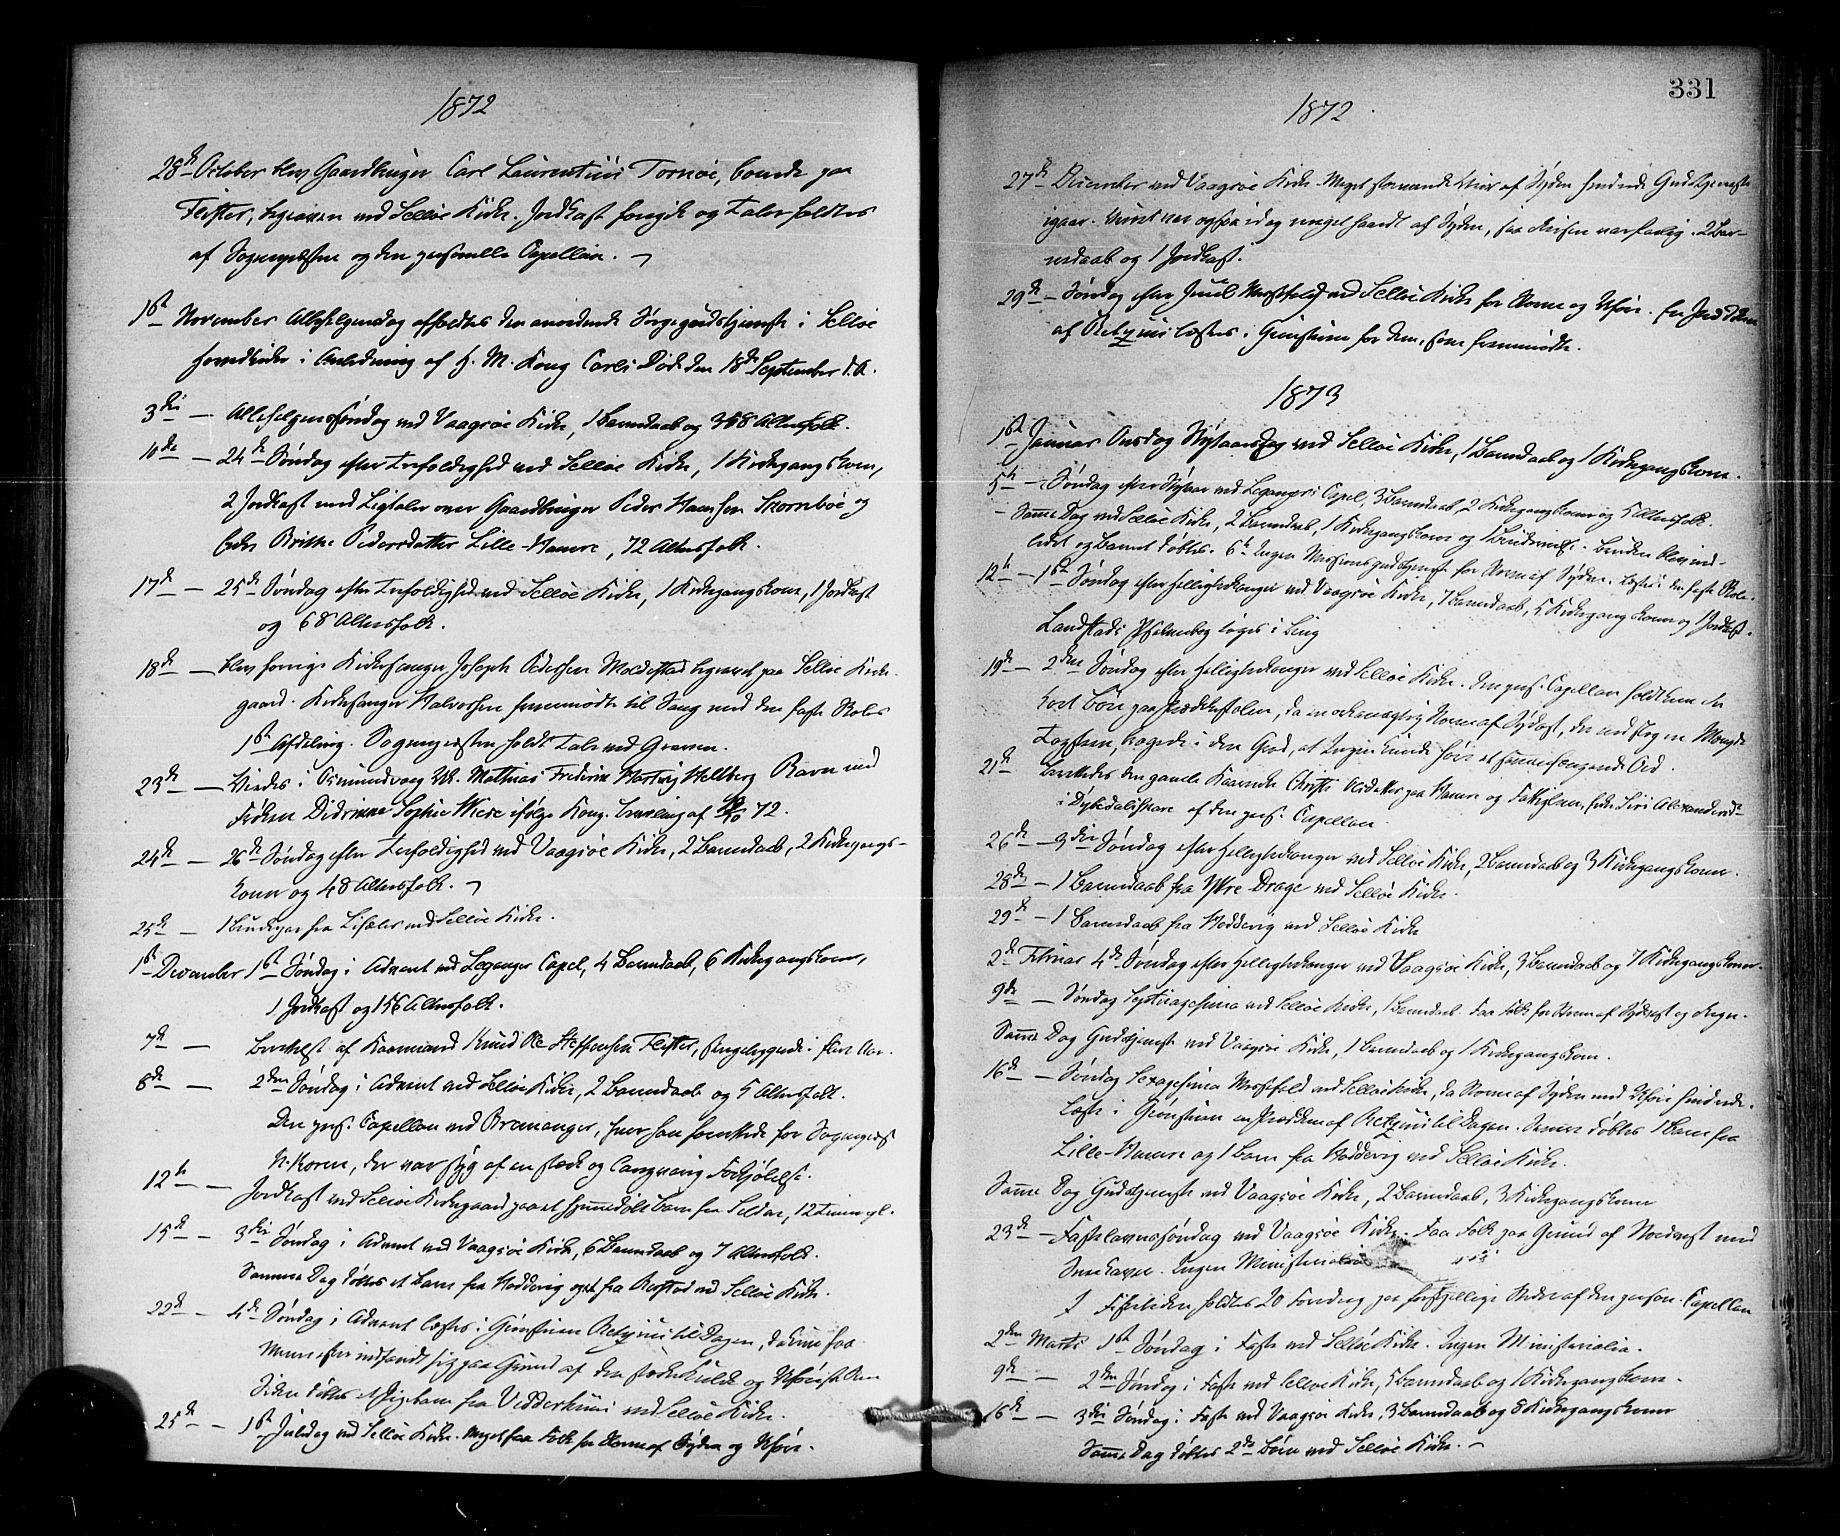 SAB, Selje sokneprestembete*, Ministerialbok nr. A 12, 1870-1880, s. 331